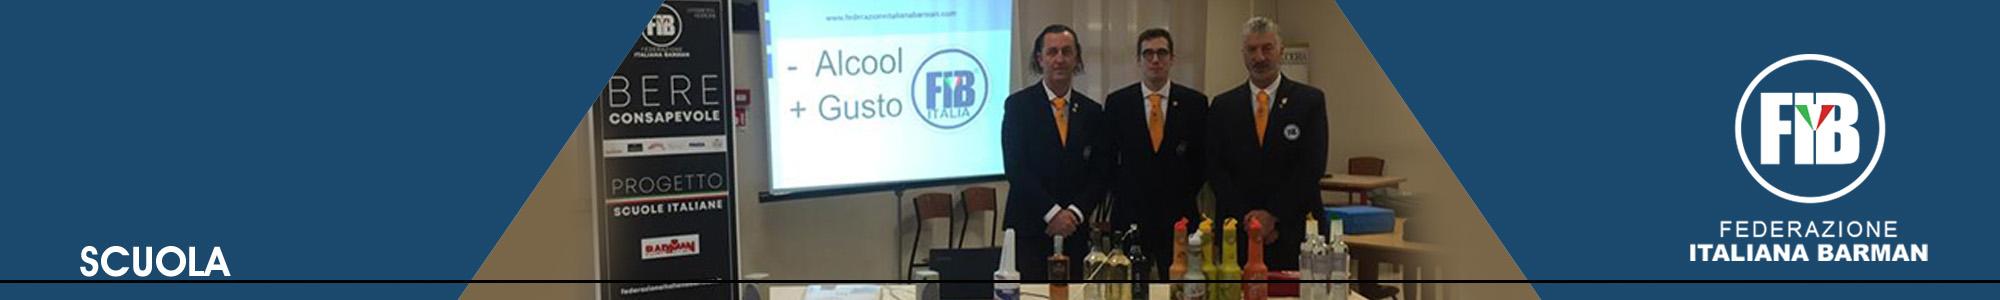 Formazione ed eventi scolastici Federazione Italiana Barman